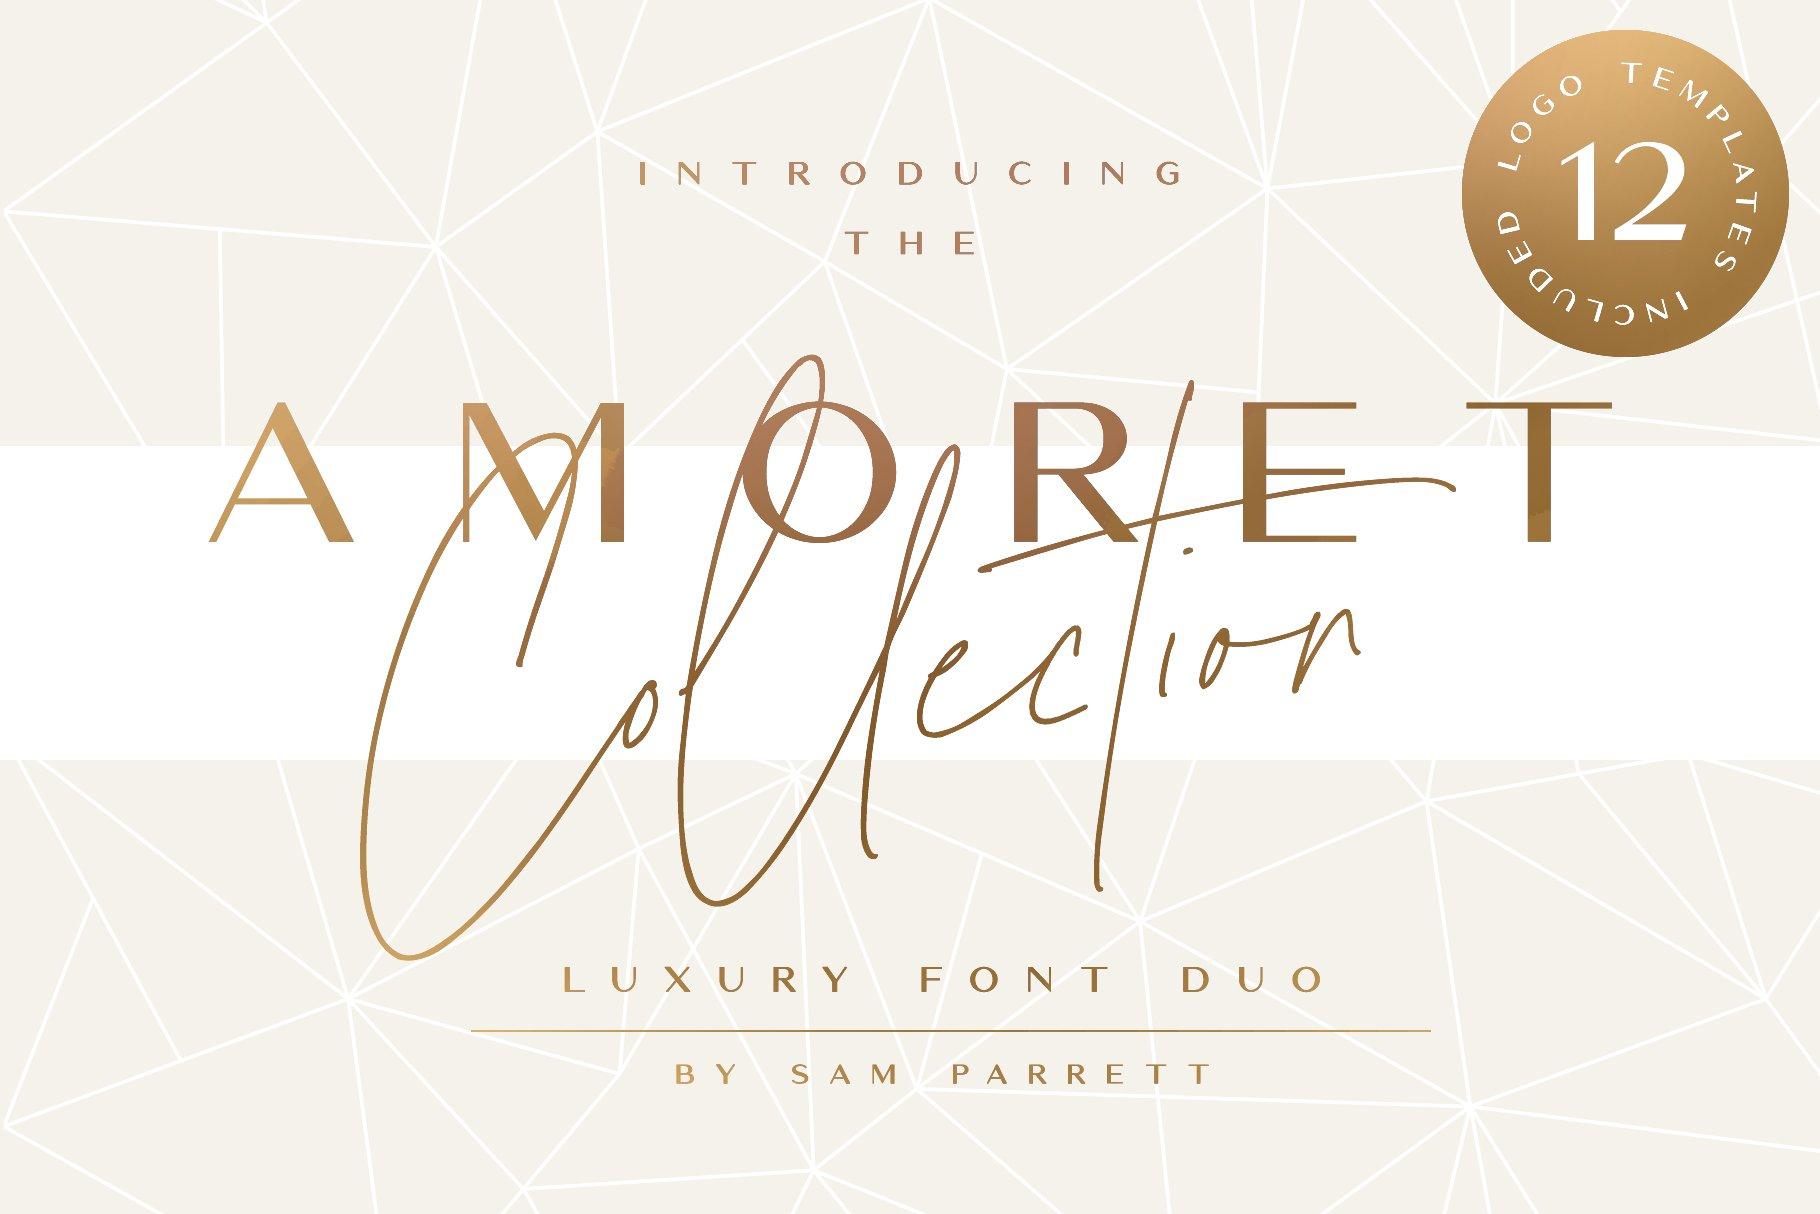 The-Amoret-Logo-Font-www.mockuphill.com